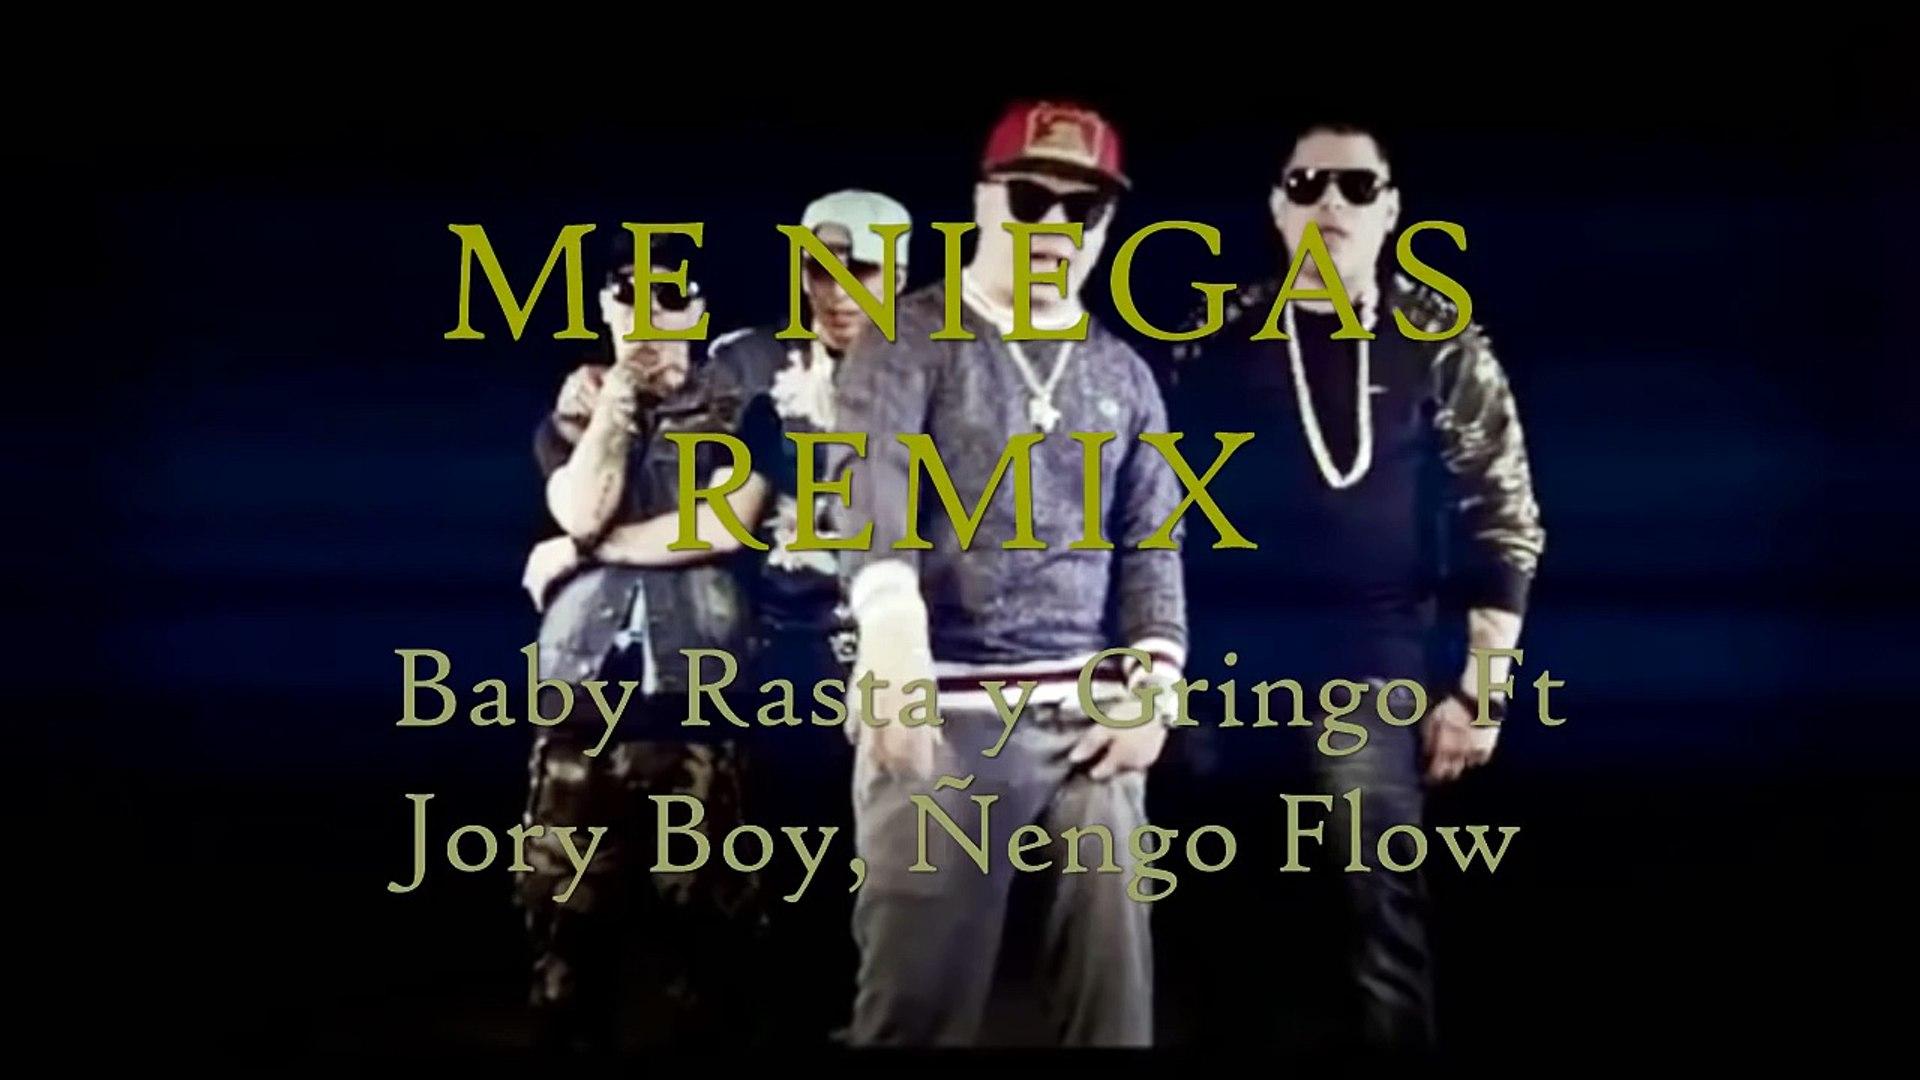 Me Niegas Remix Letra Baby Rasta Y Gringo Ft ñengo Flow Jory Boy Vidéo Dailymotion